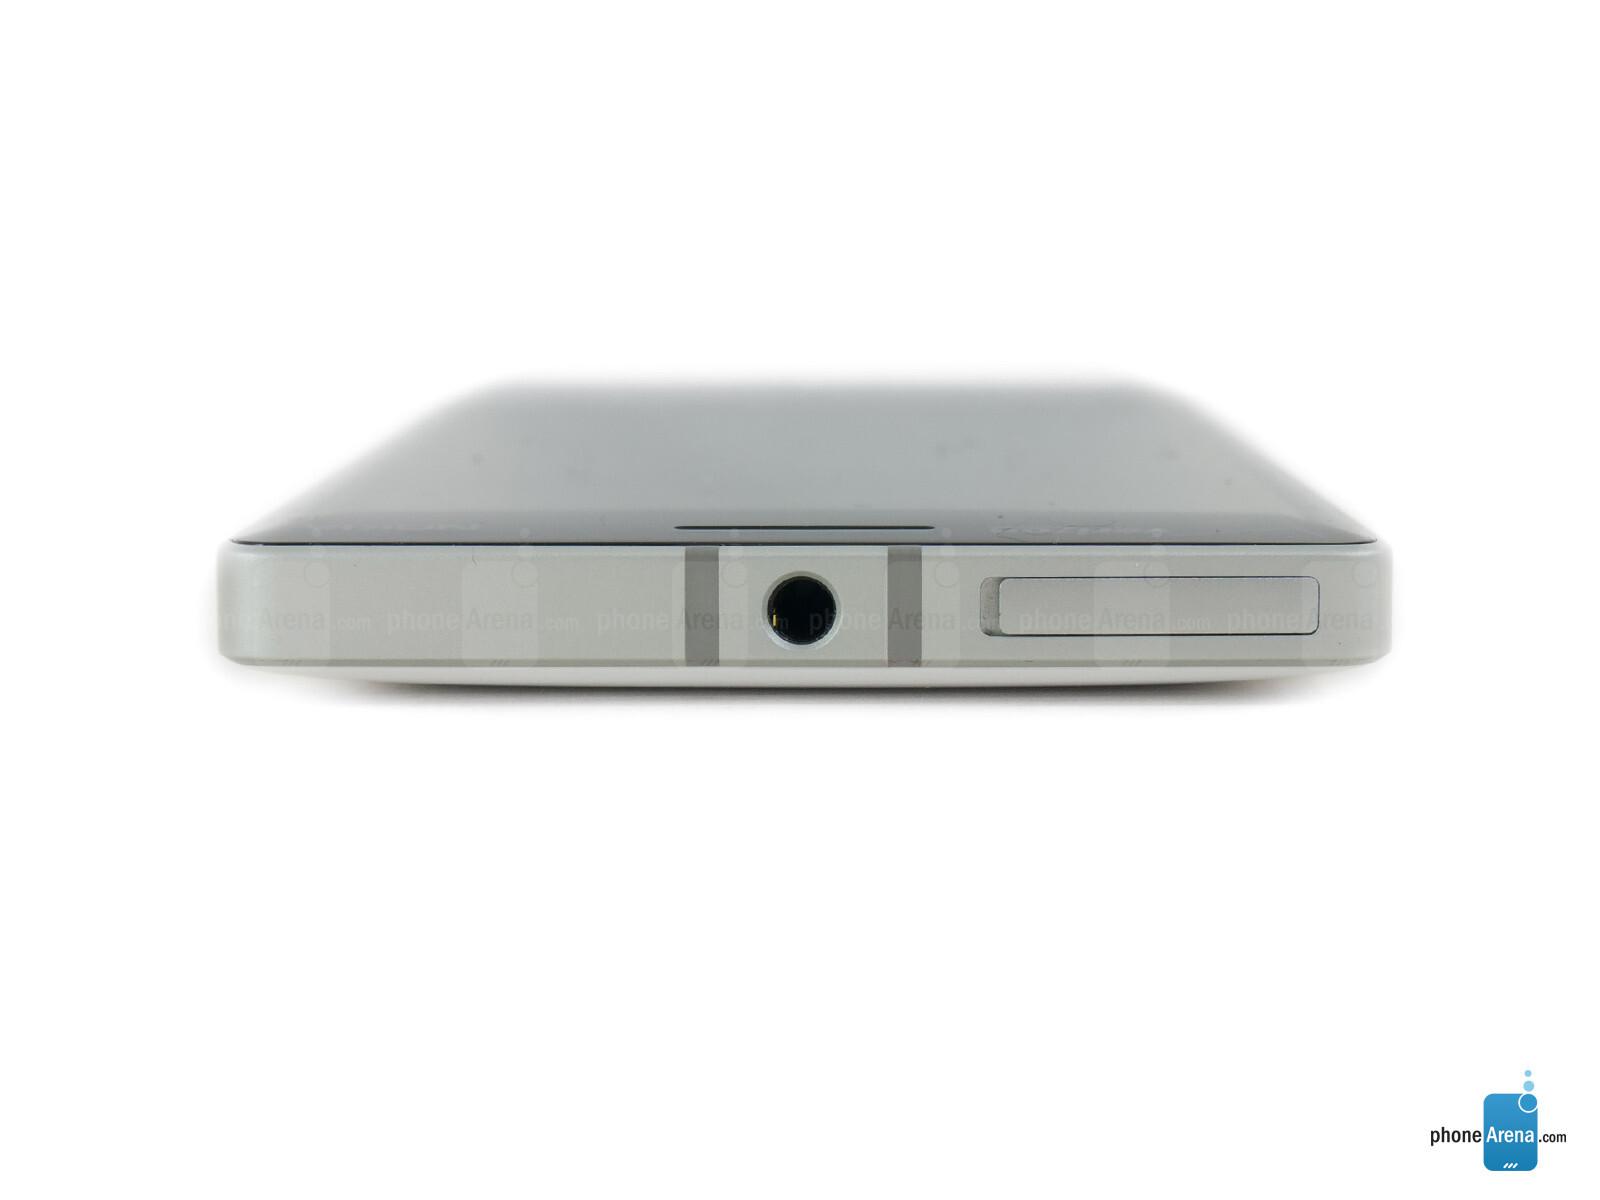 Sforum - Trang thông tin công nghệ mới nhất Nokia-Lumia-Icon-Review-013 Mở hộp Lumia Icon phiên bản nhà mạng Verizon